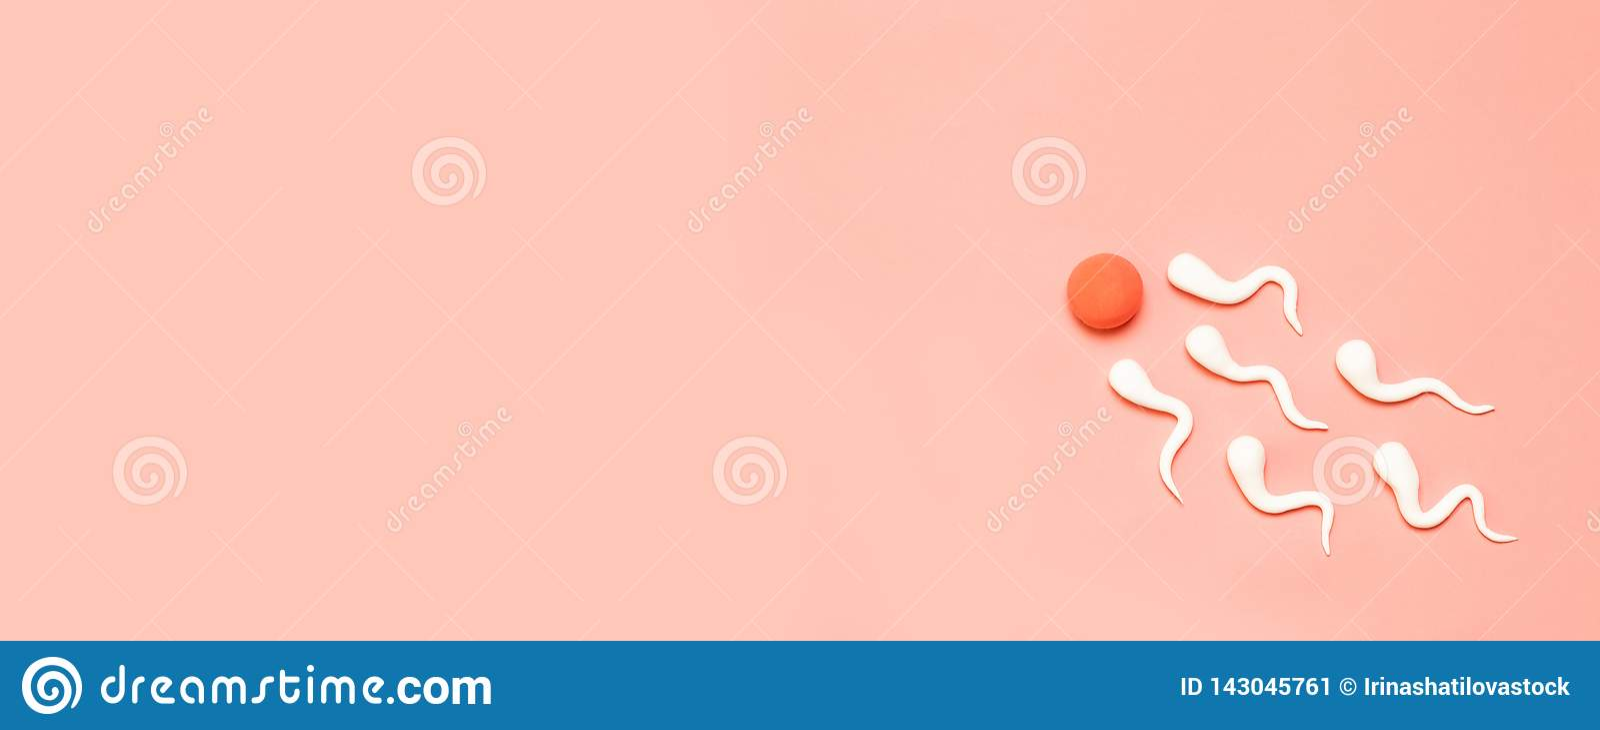 人的精液和卵子图